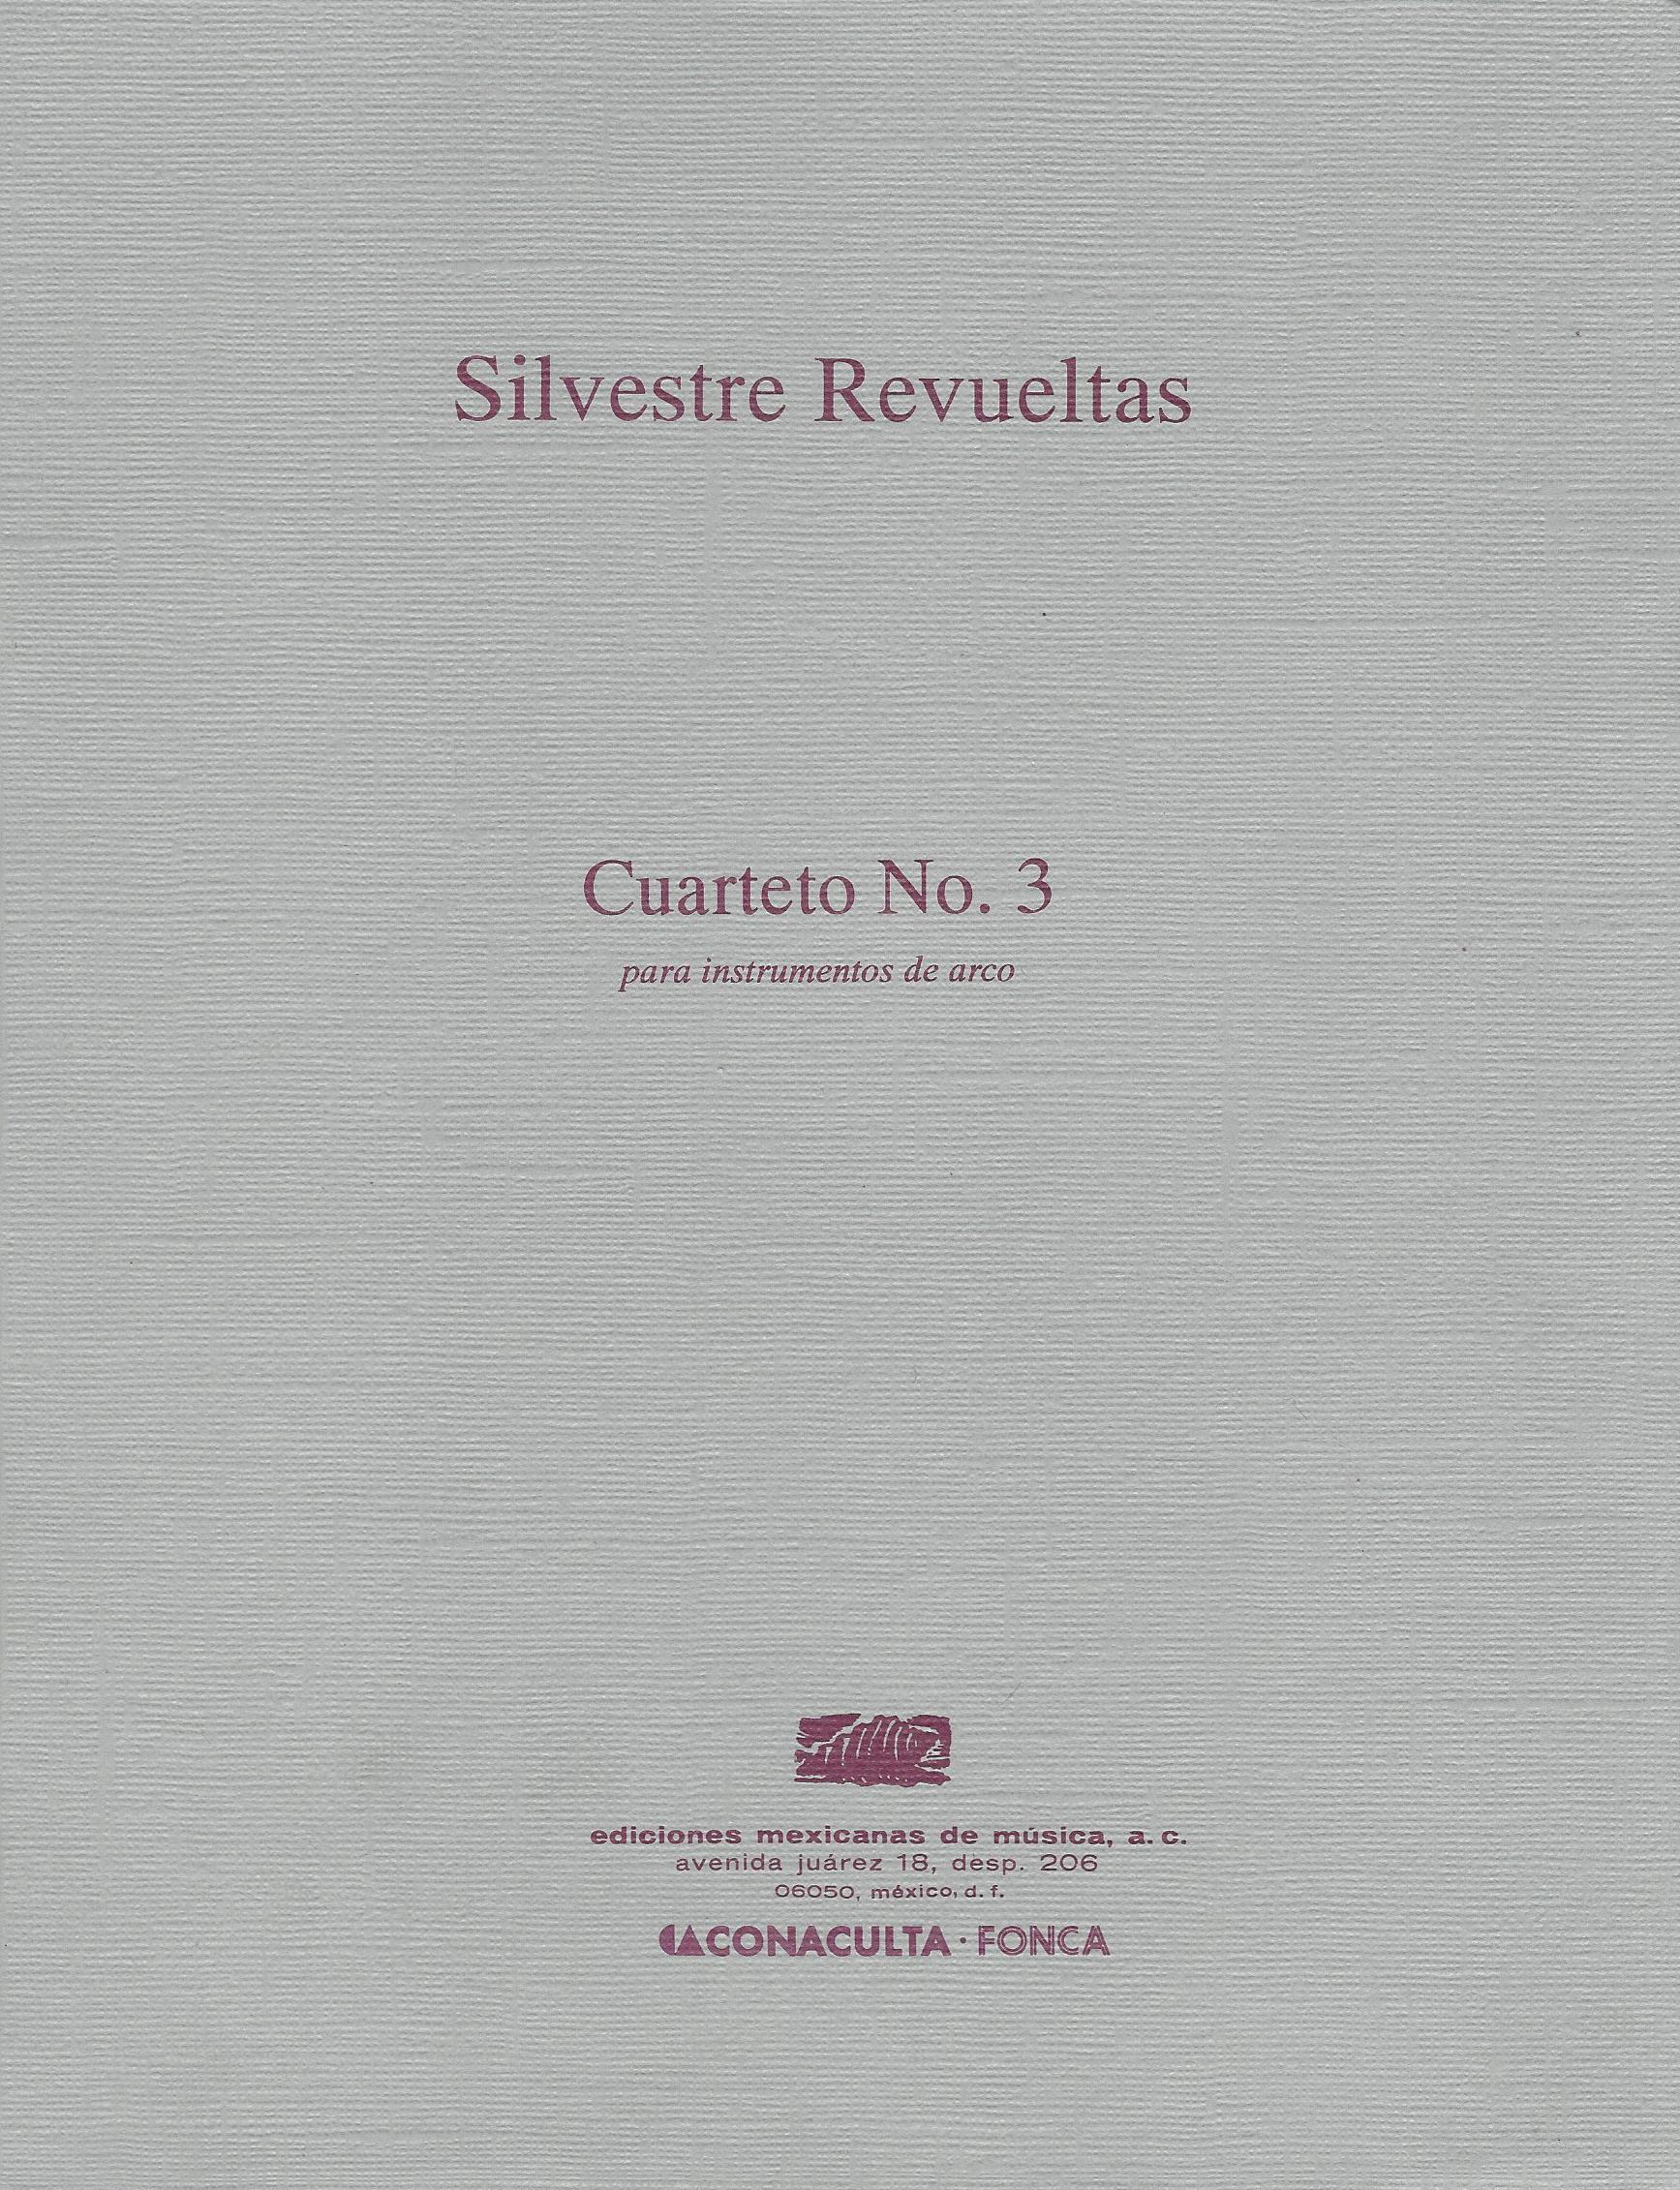 Revueltas - Cuarteto No.3 01.jpg